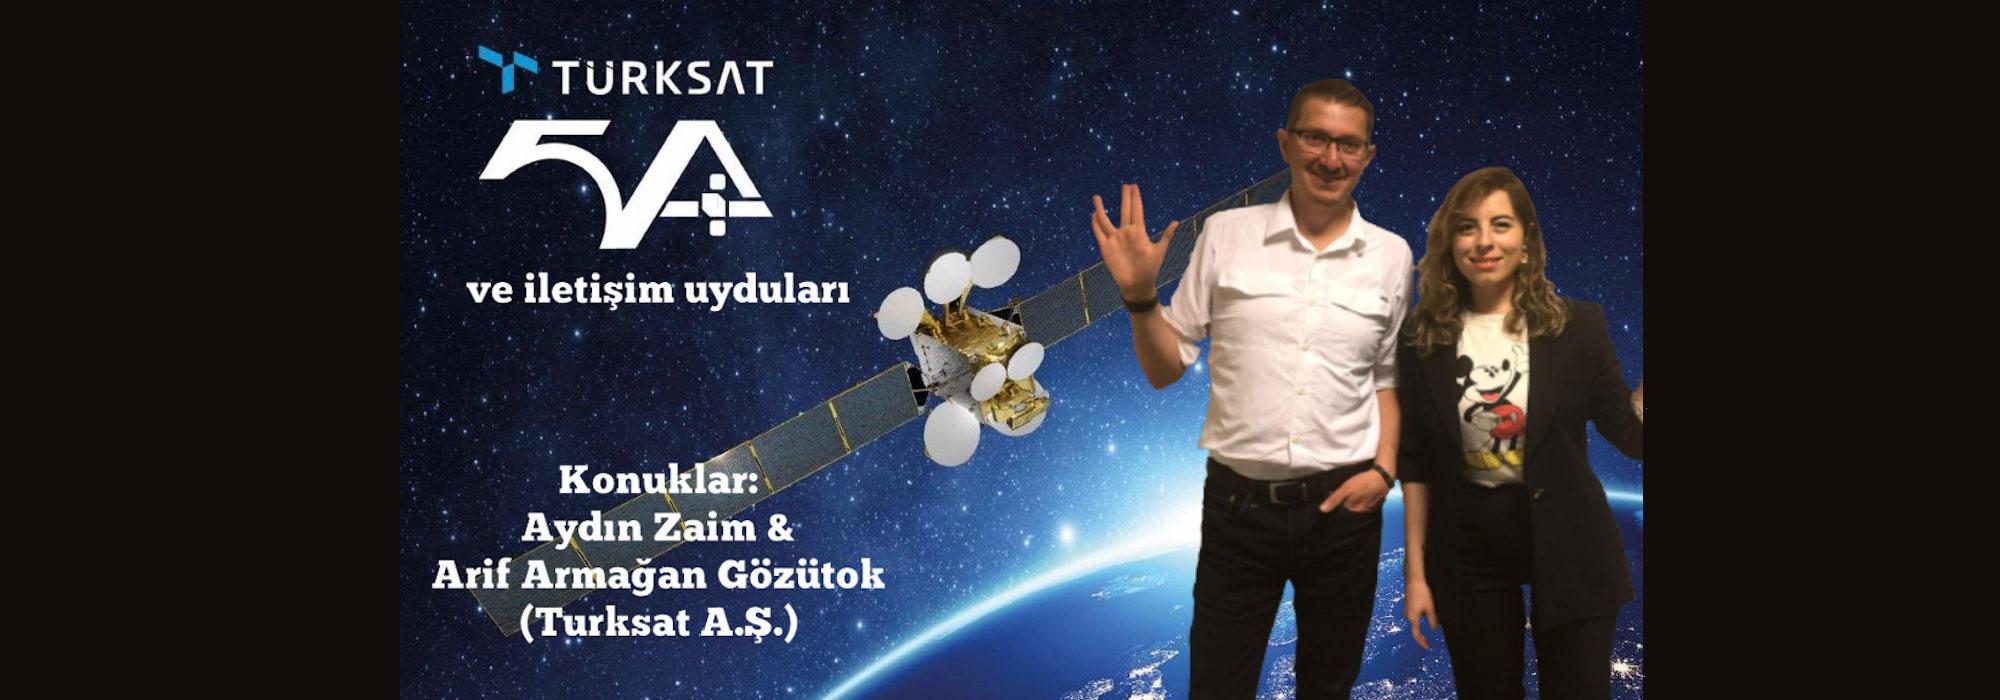 Turksat 5A ve iletişim uyduları, Konuklar: Aydın Zaim ve Arif Armağan Gözütok (Turksat A.Ş.)